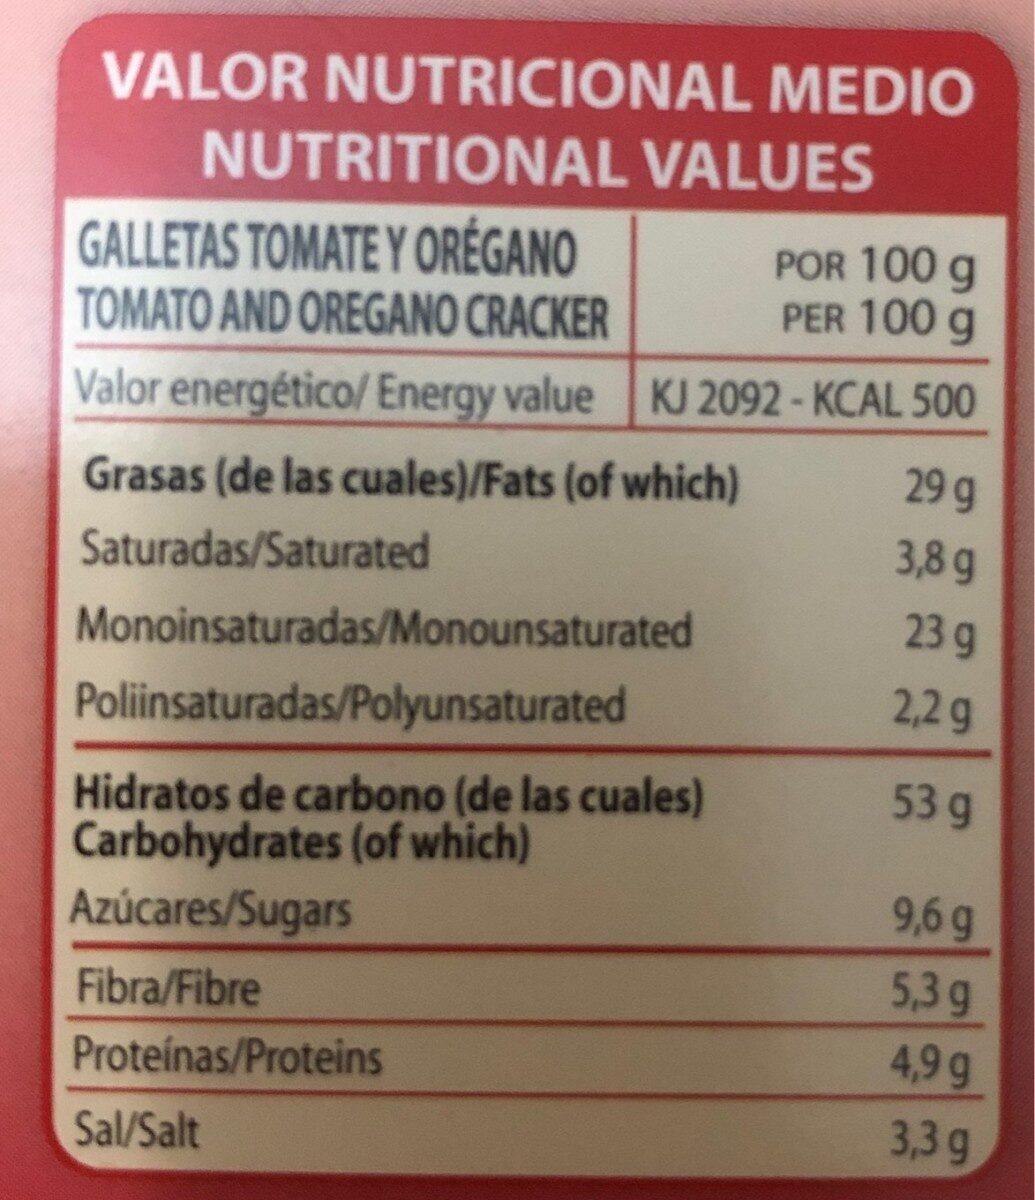 Galletas con tomate y orégano - Informació nutricional - es